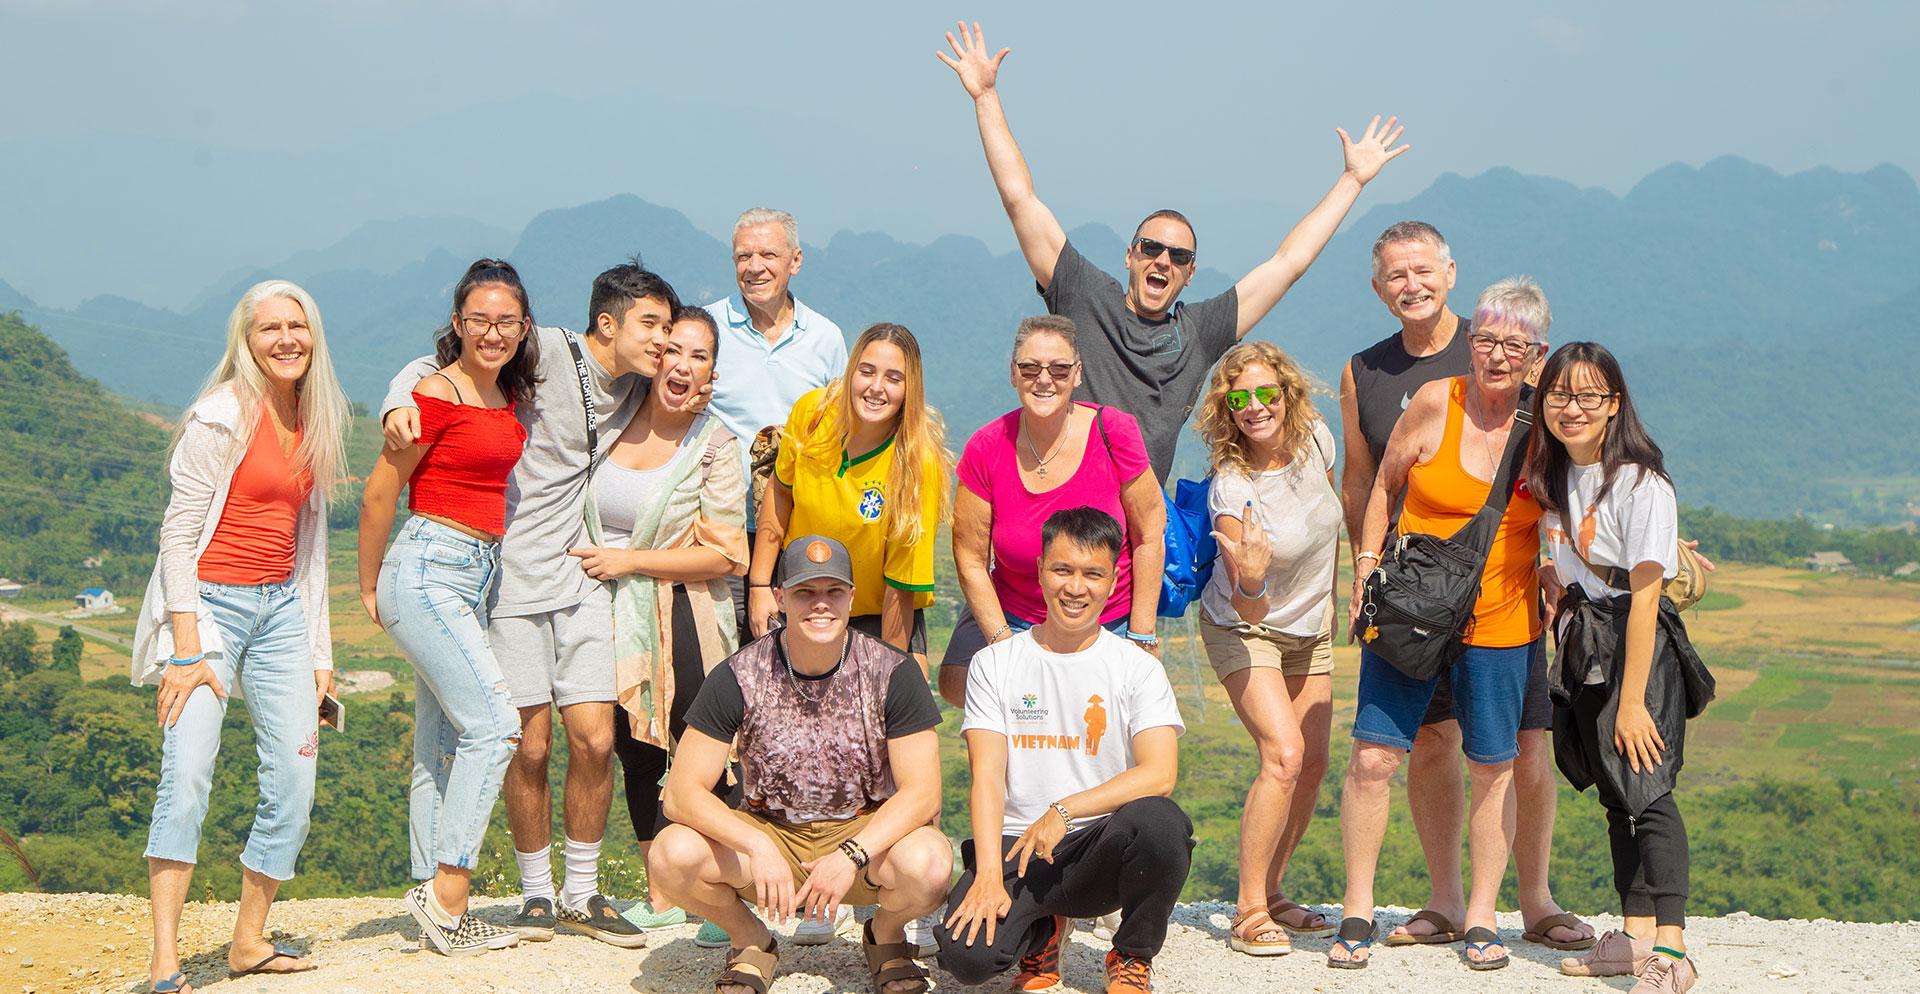 Corporate Volunteering Opportunities Abroad